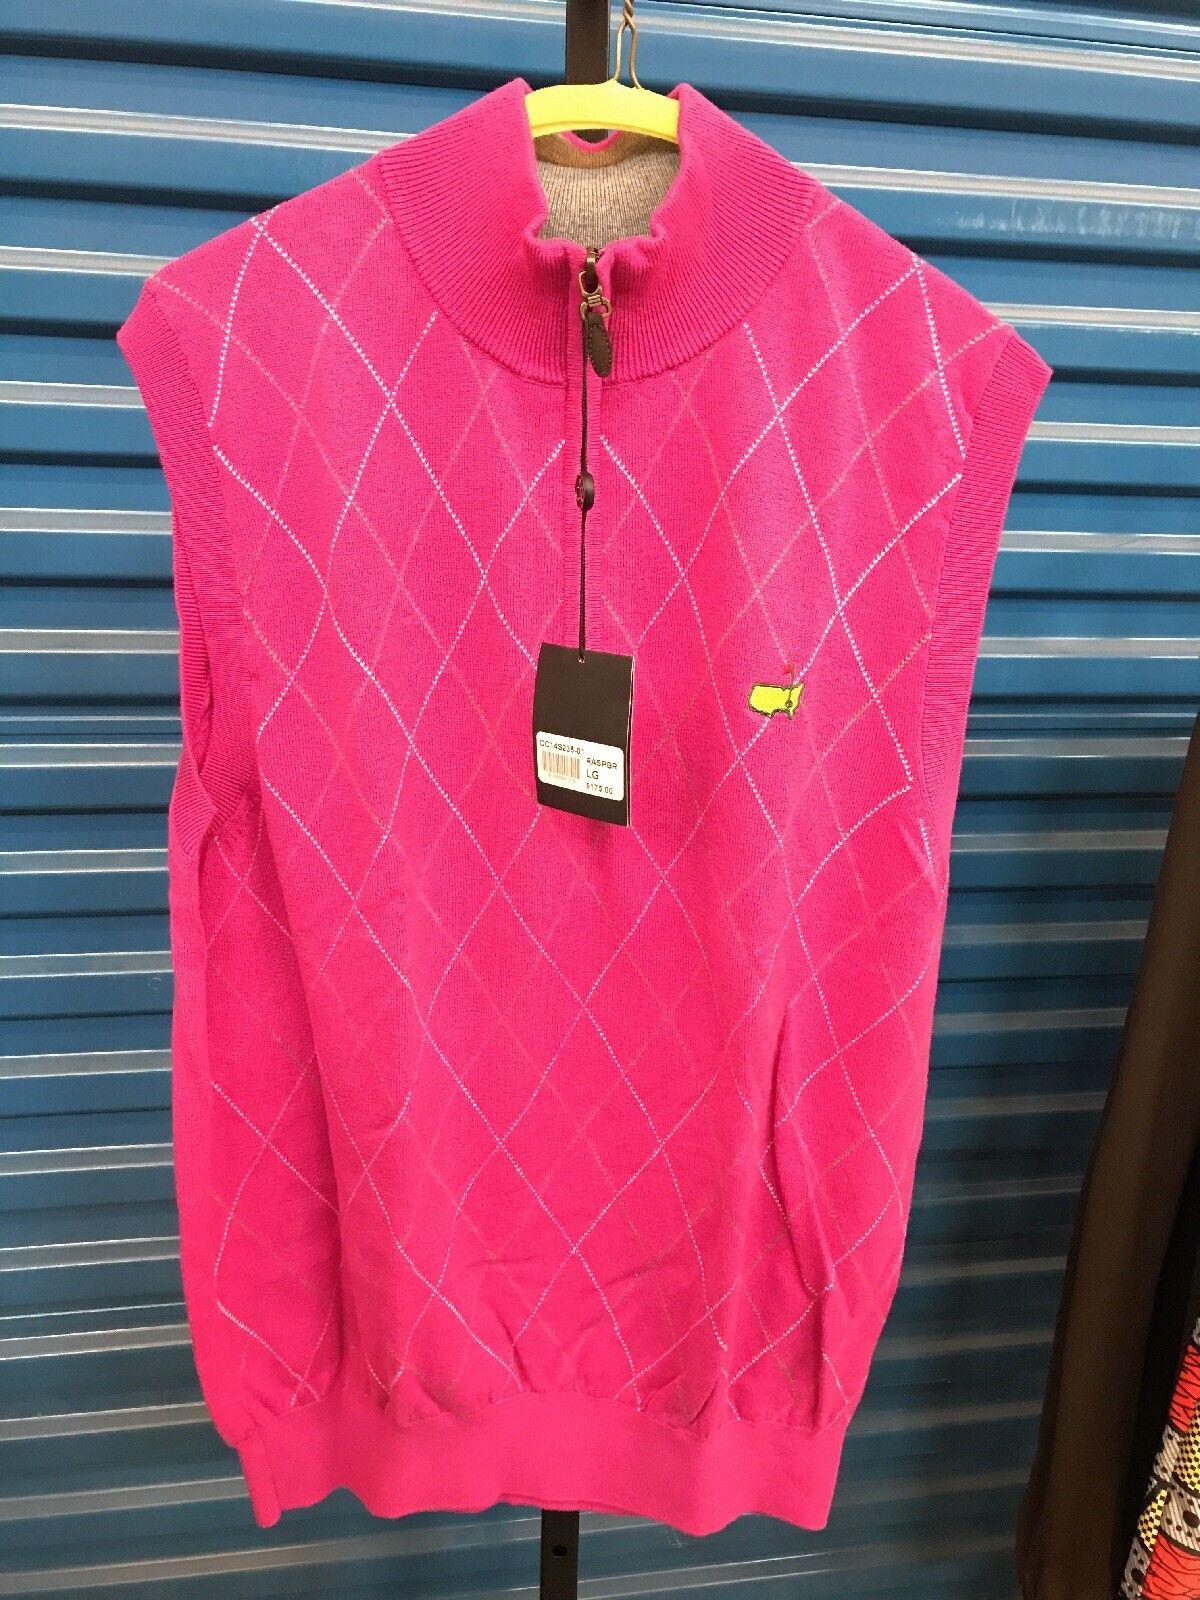 Rasberry Master's LG zipper Vest NWT